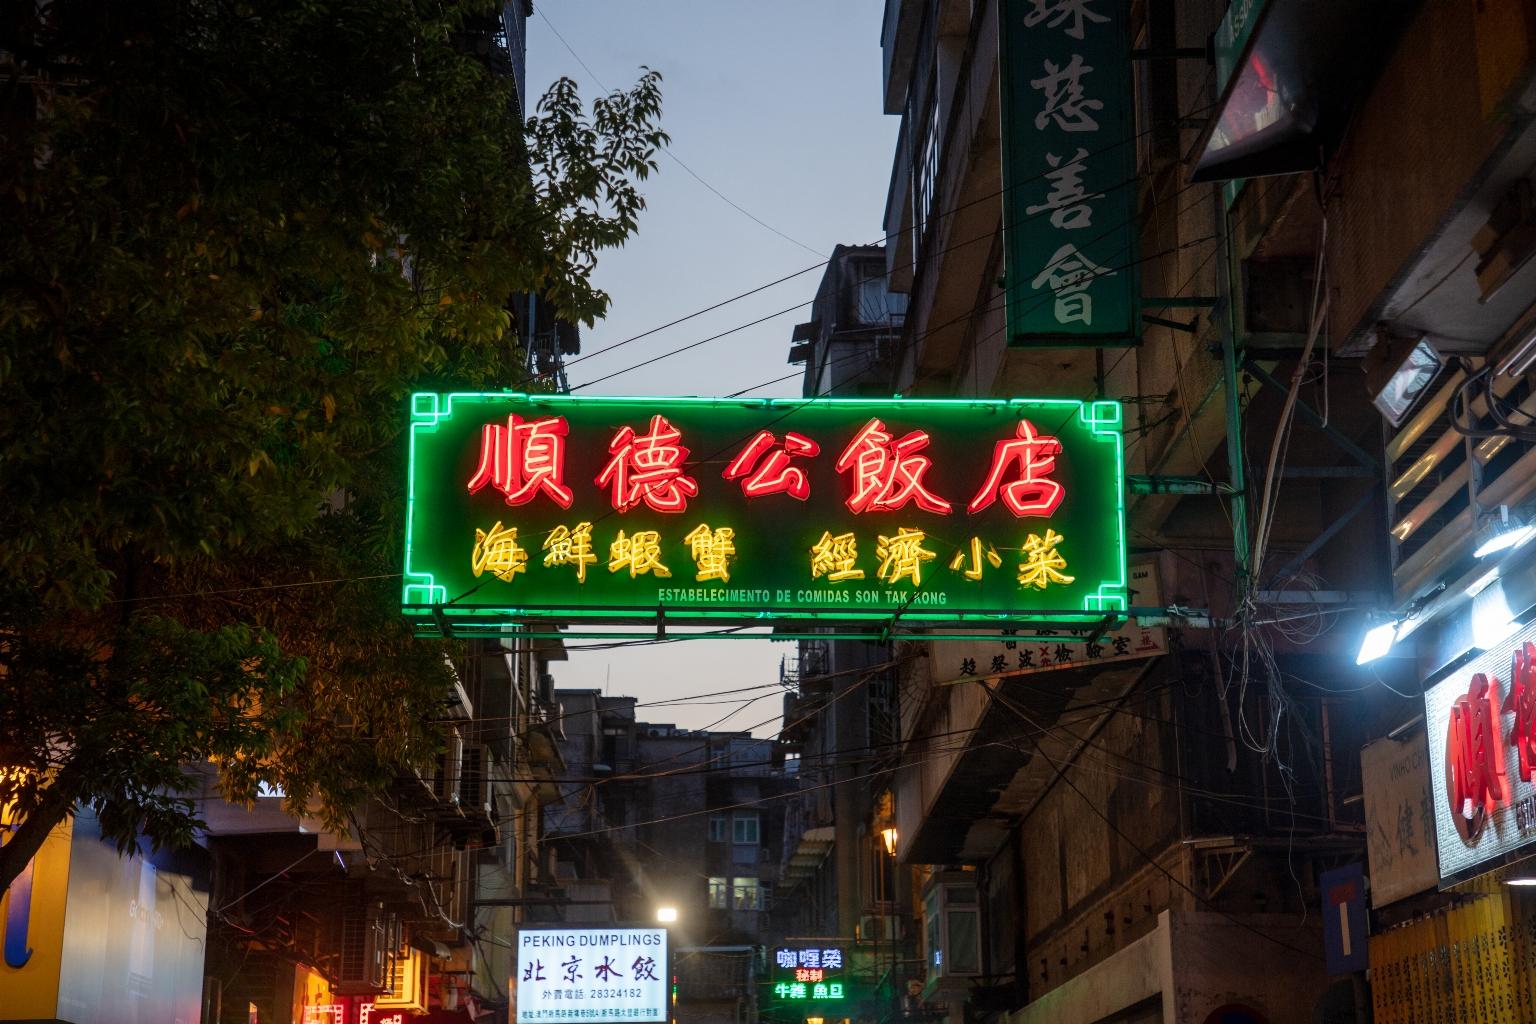 """大街,""""順德公飯店""""的霓虹燈招牌"""